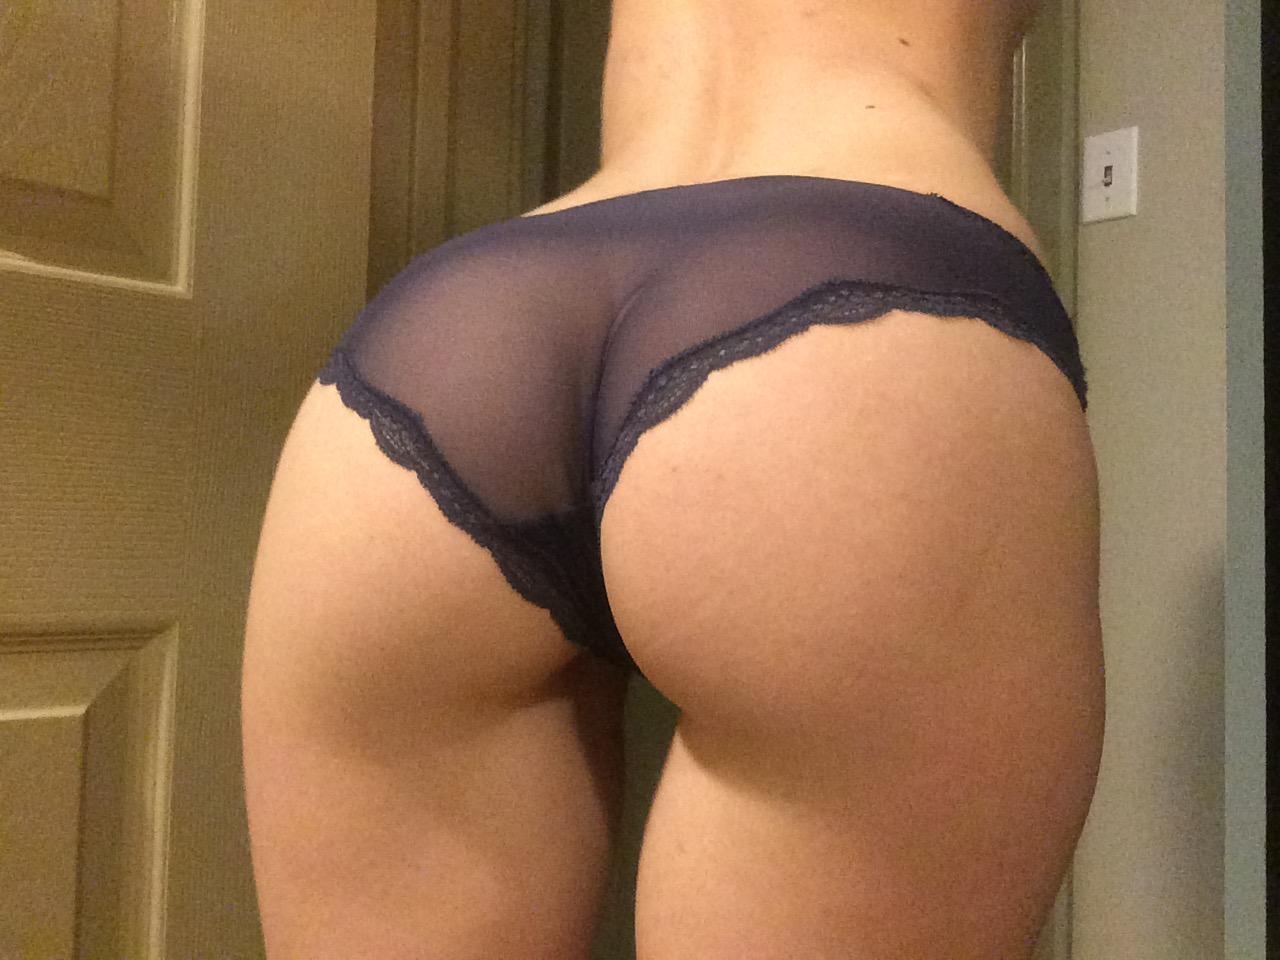 Ass In Sheer Panties Pic